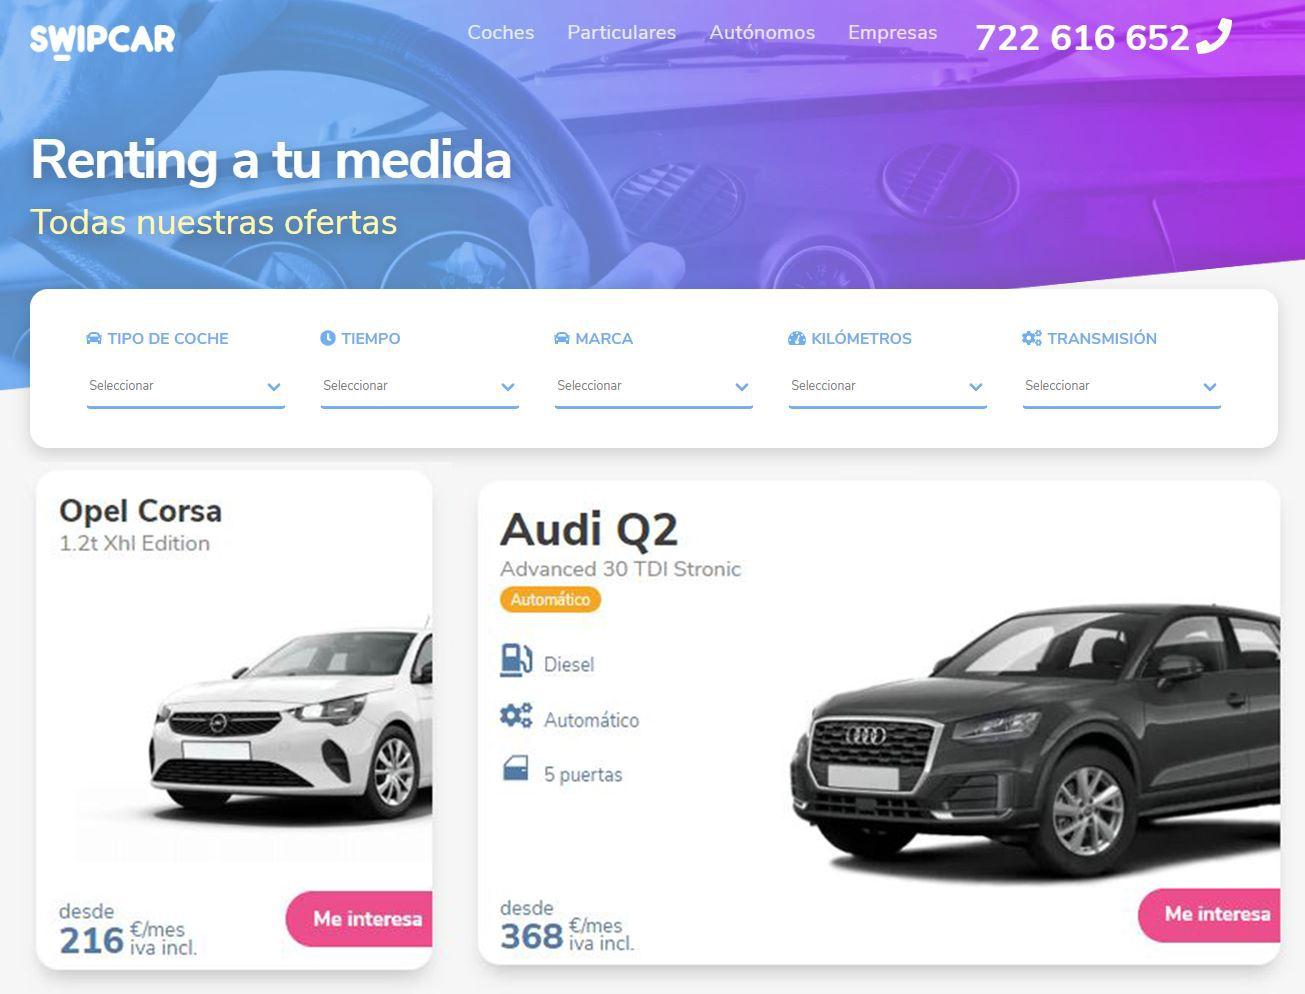 Swipcar: el marketplace destacado en coches de renting